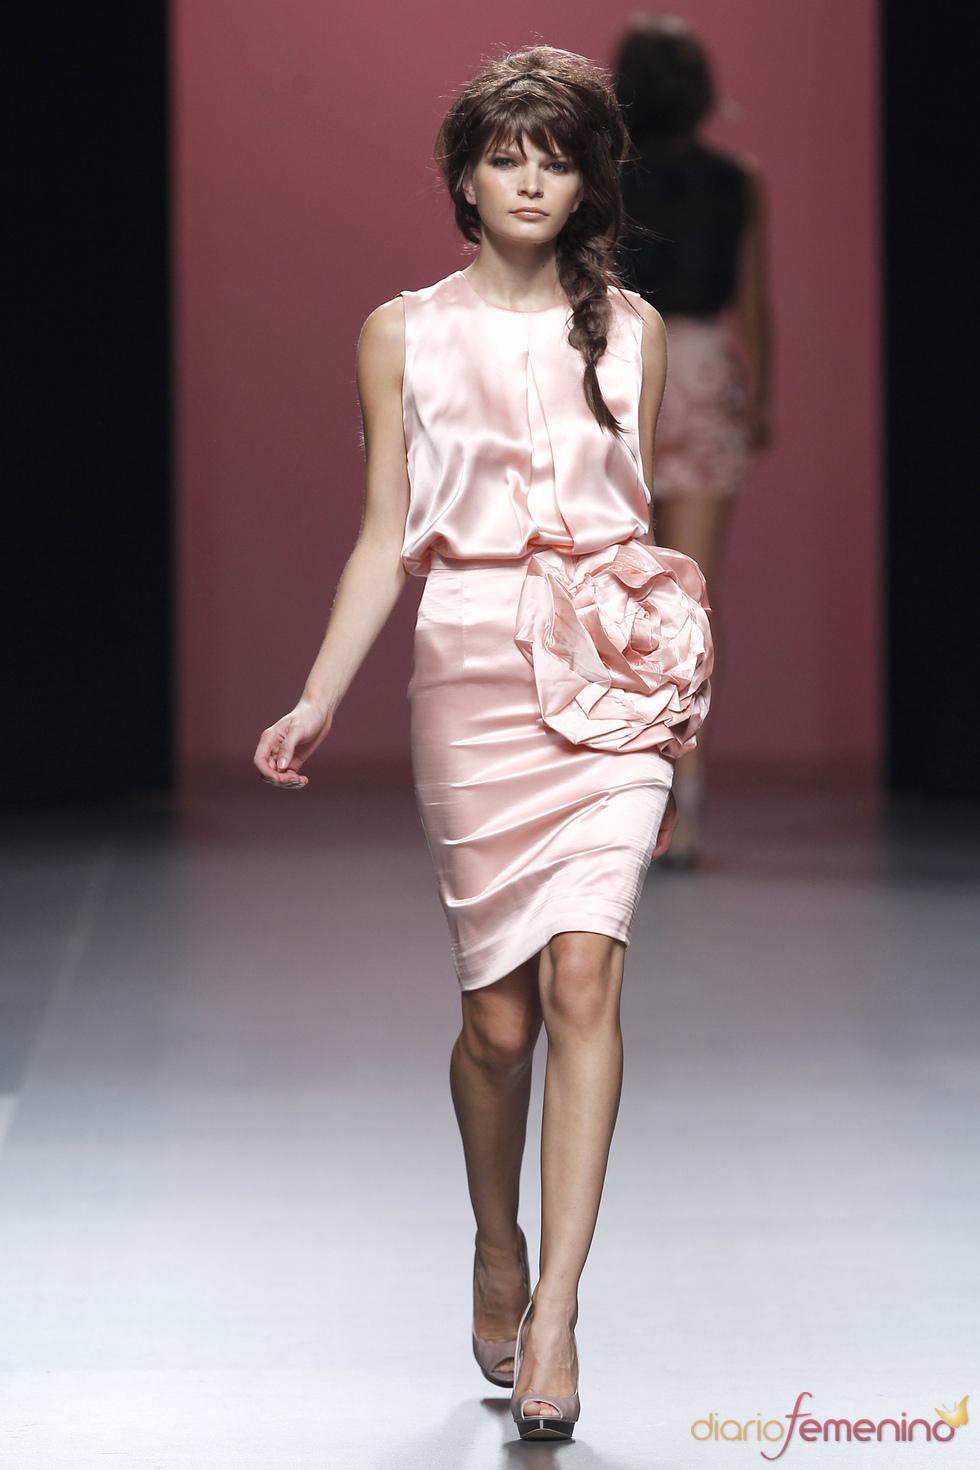 El rosa palo domina la colección de Juana Martín en la Madrid Fashion Week